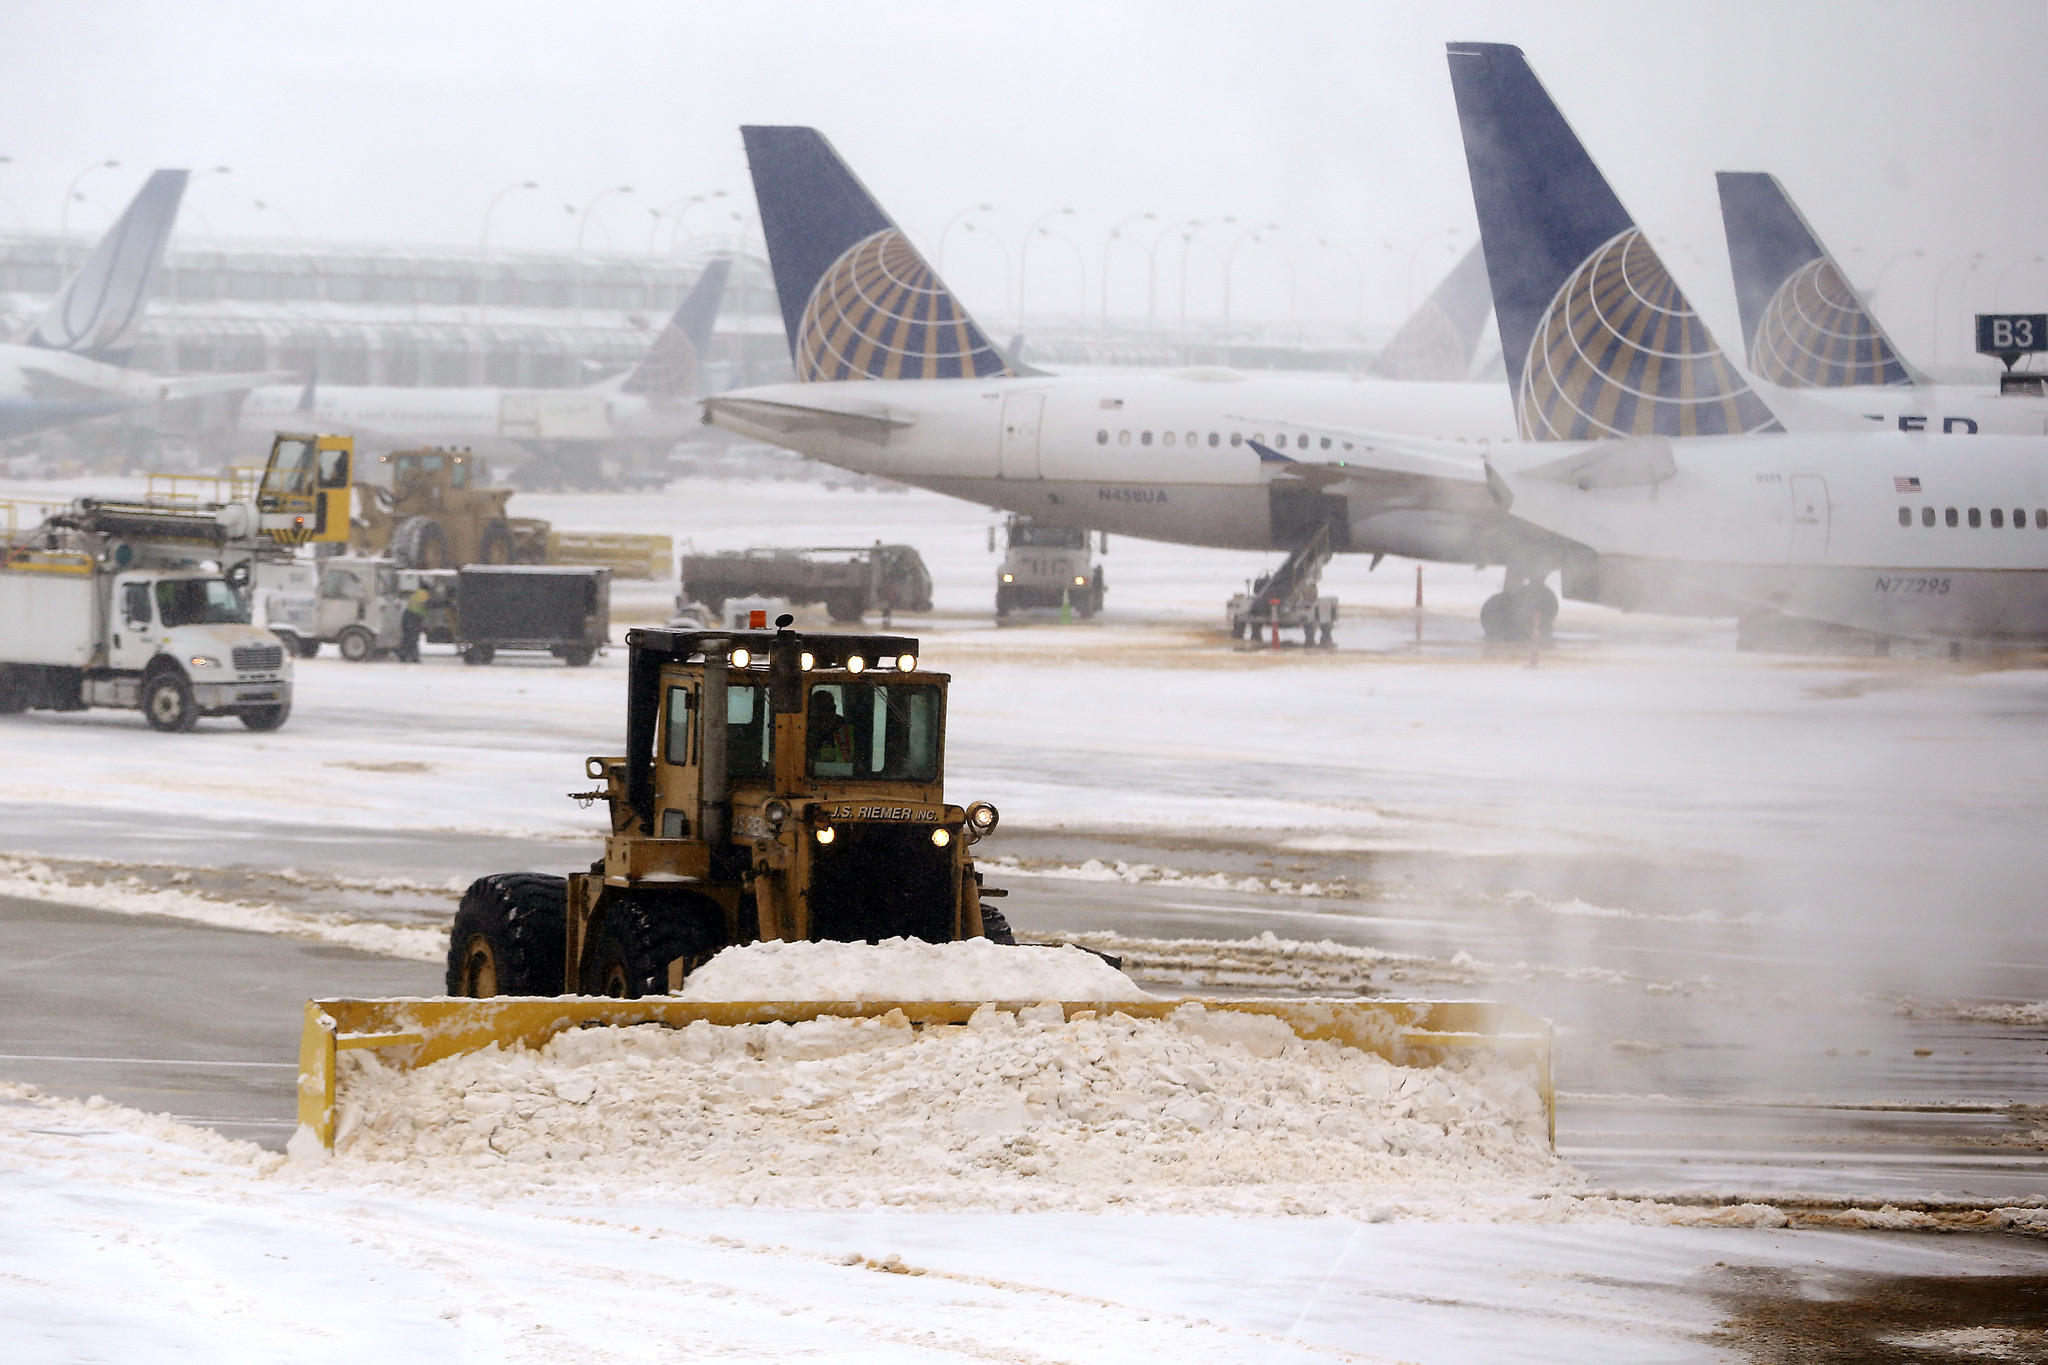 Silny wiatr i opady śniegu powodem odwołania prawie 150 lotów z Chicago